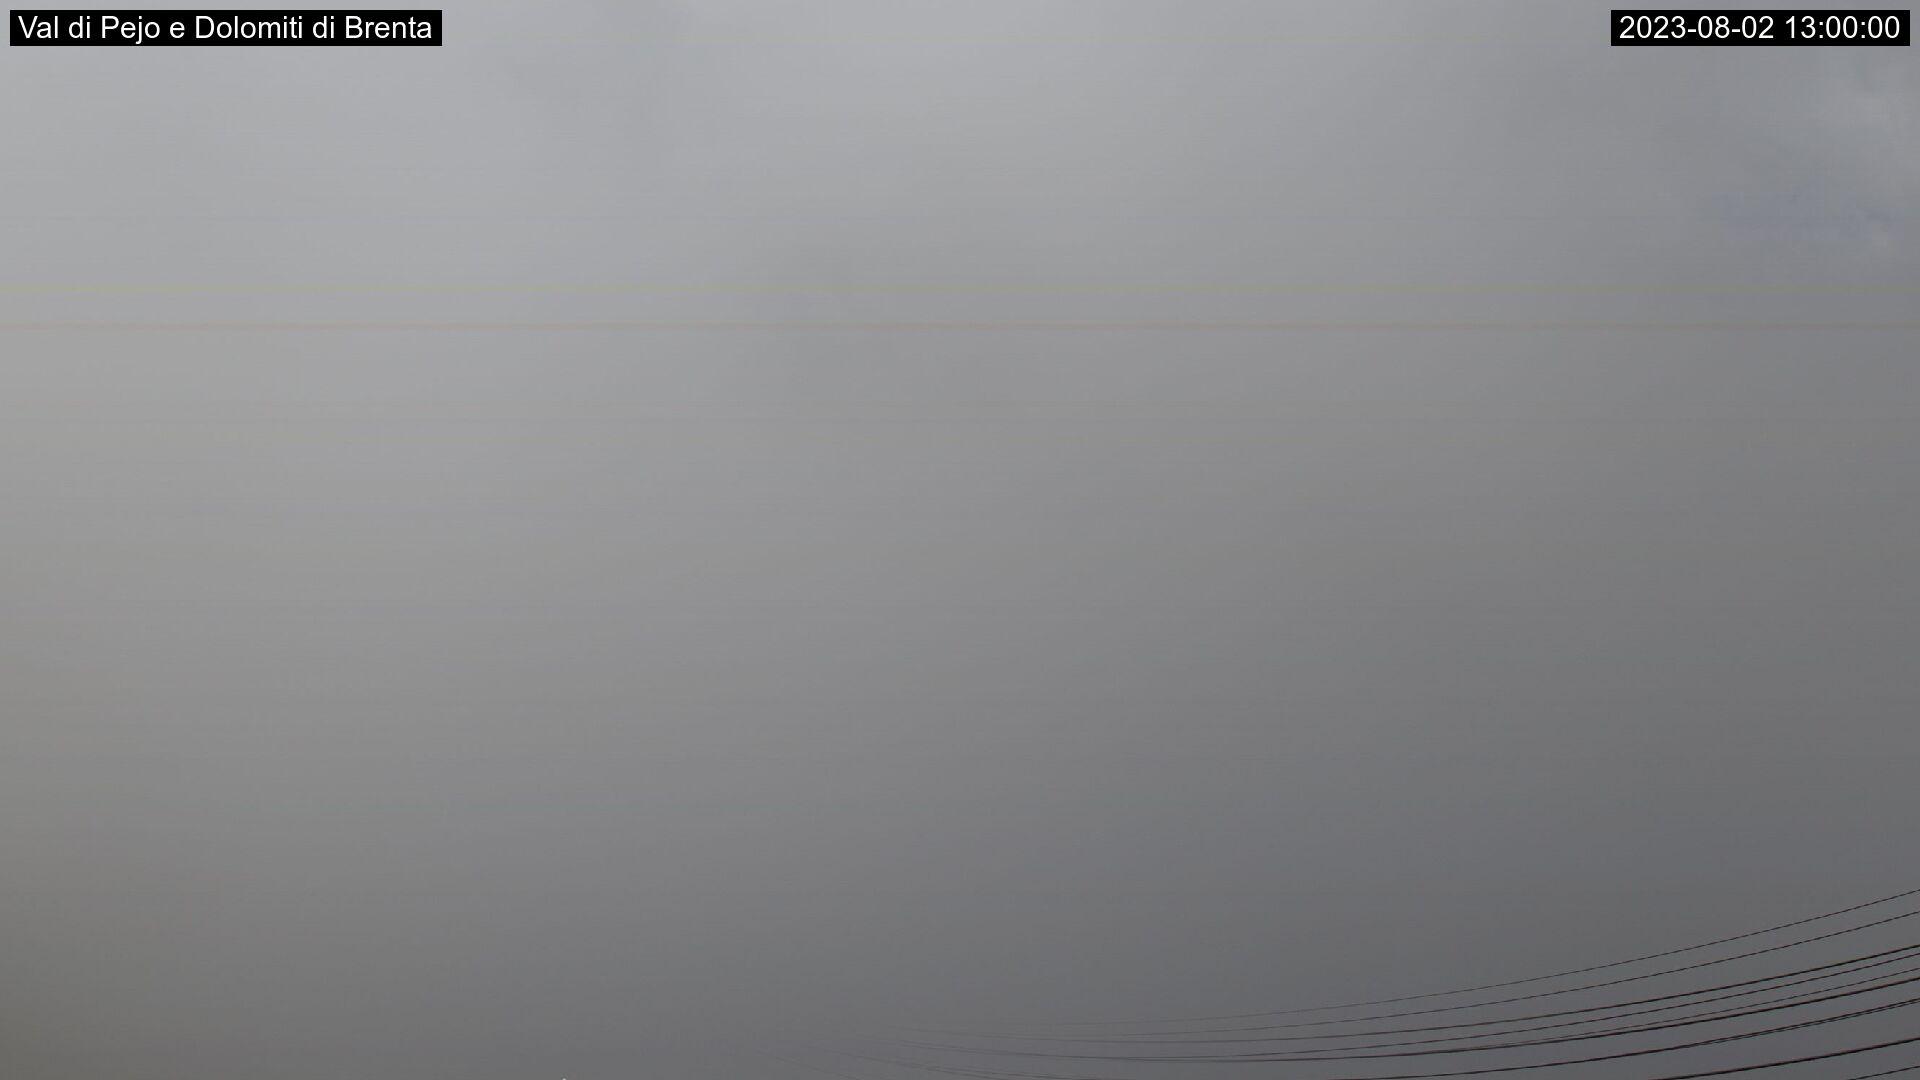 Val di Pejo e Dolomiti di Brenta